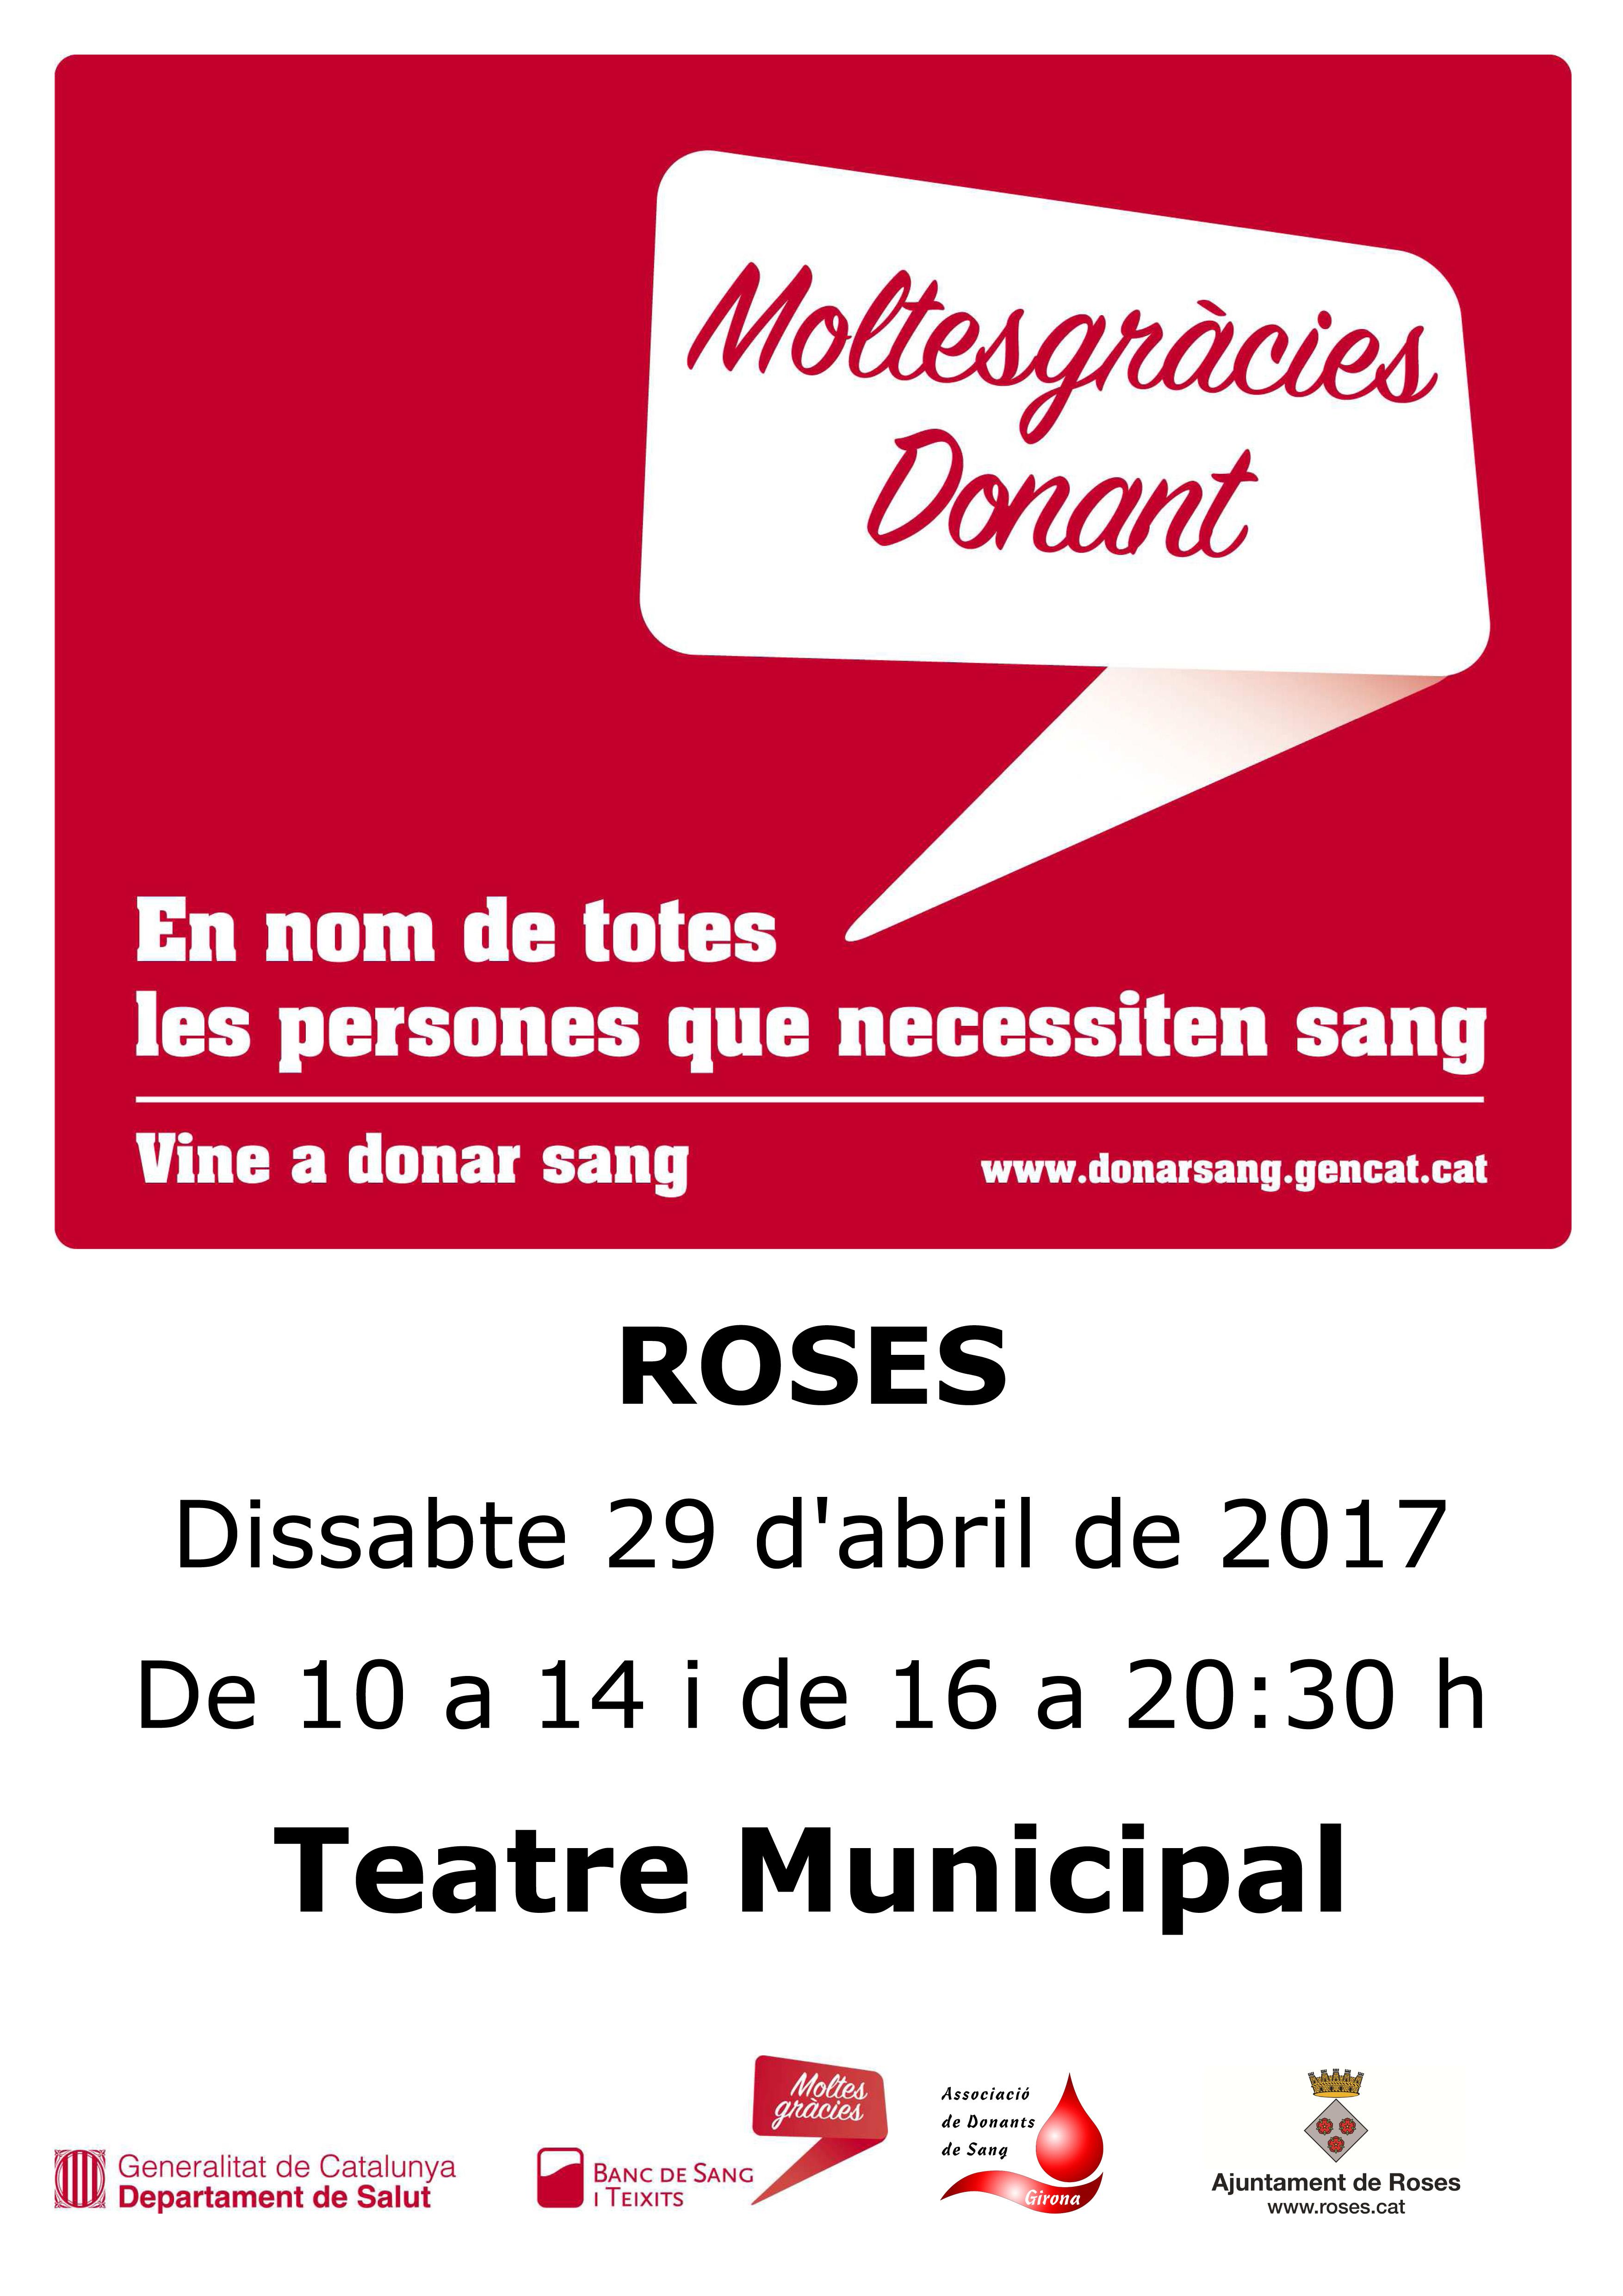 Dissabte 29 d'abril, jornada de donació de sang a Roses